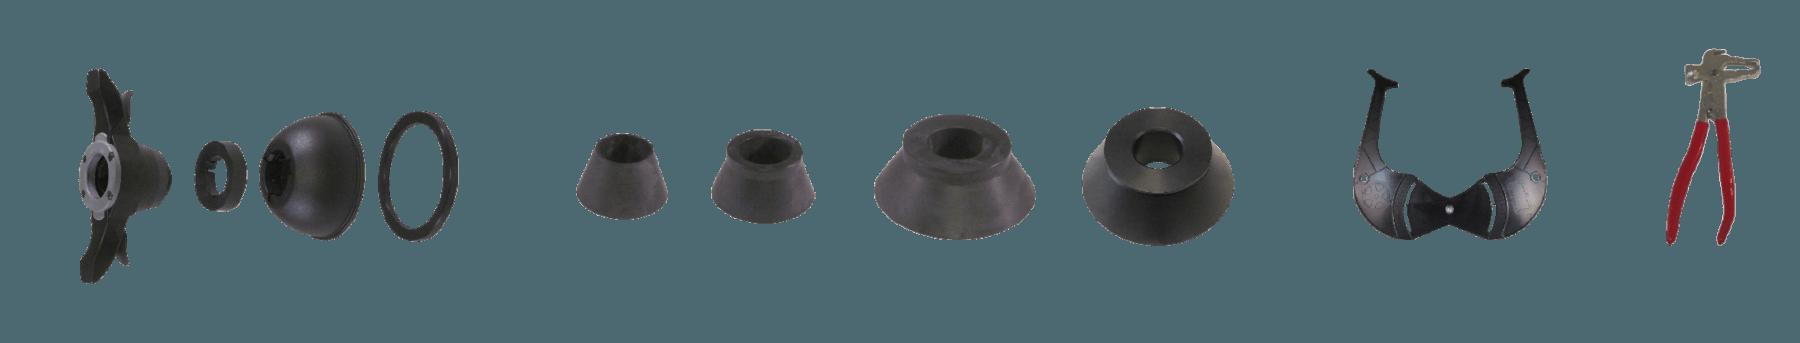 Cemb ER71 Auto Data Entry Wheel Balancer Accessories